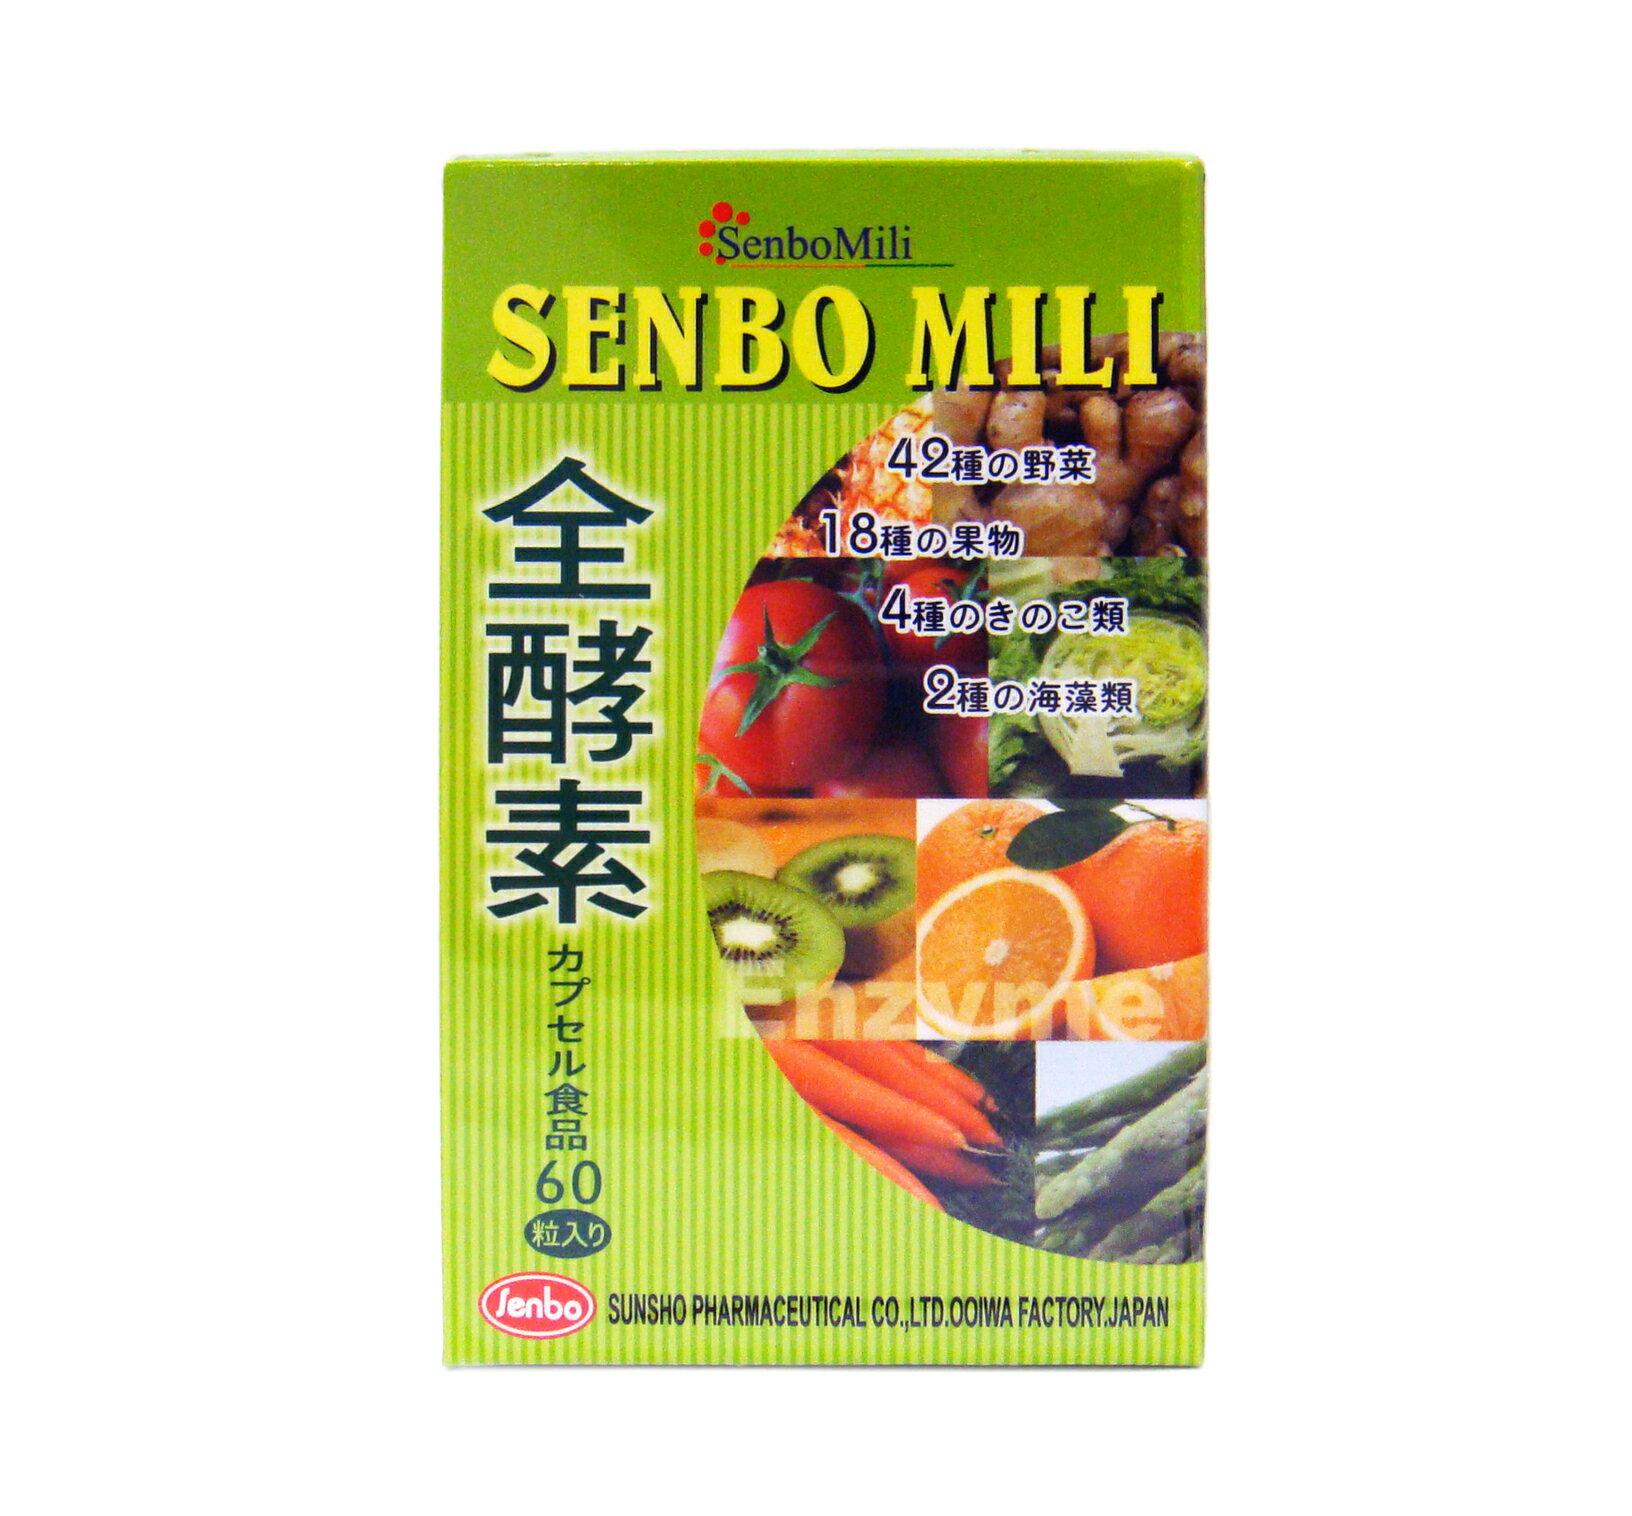 先保秘力Senbo Mili 酵素軟膠囊 60粒   蔬果 超暢 大乾淨 黃金奇異具 店面